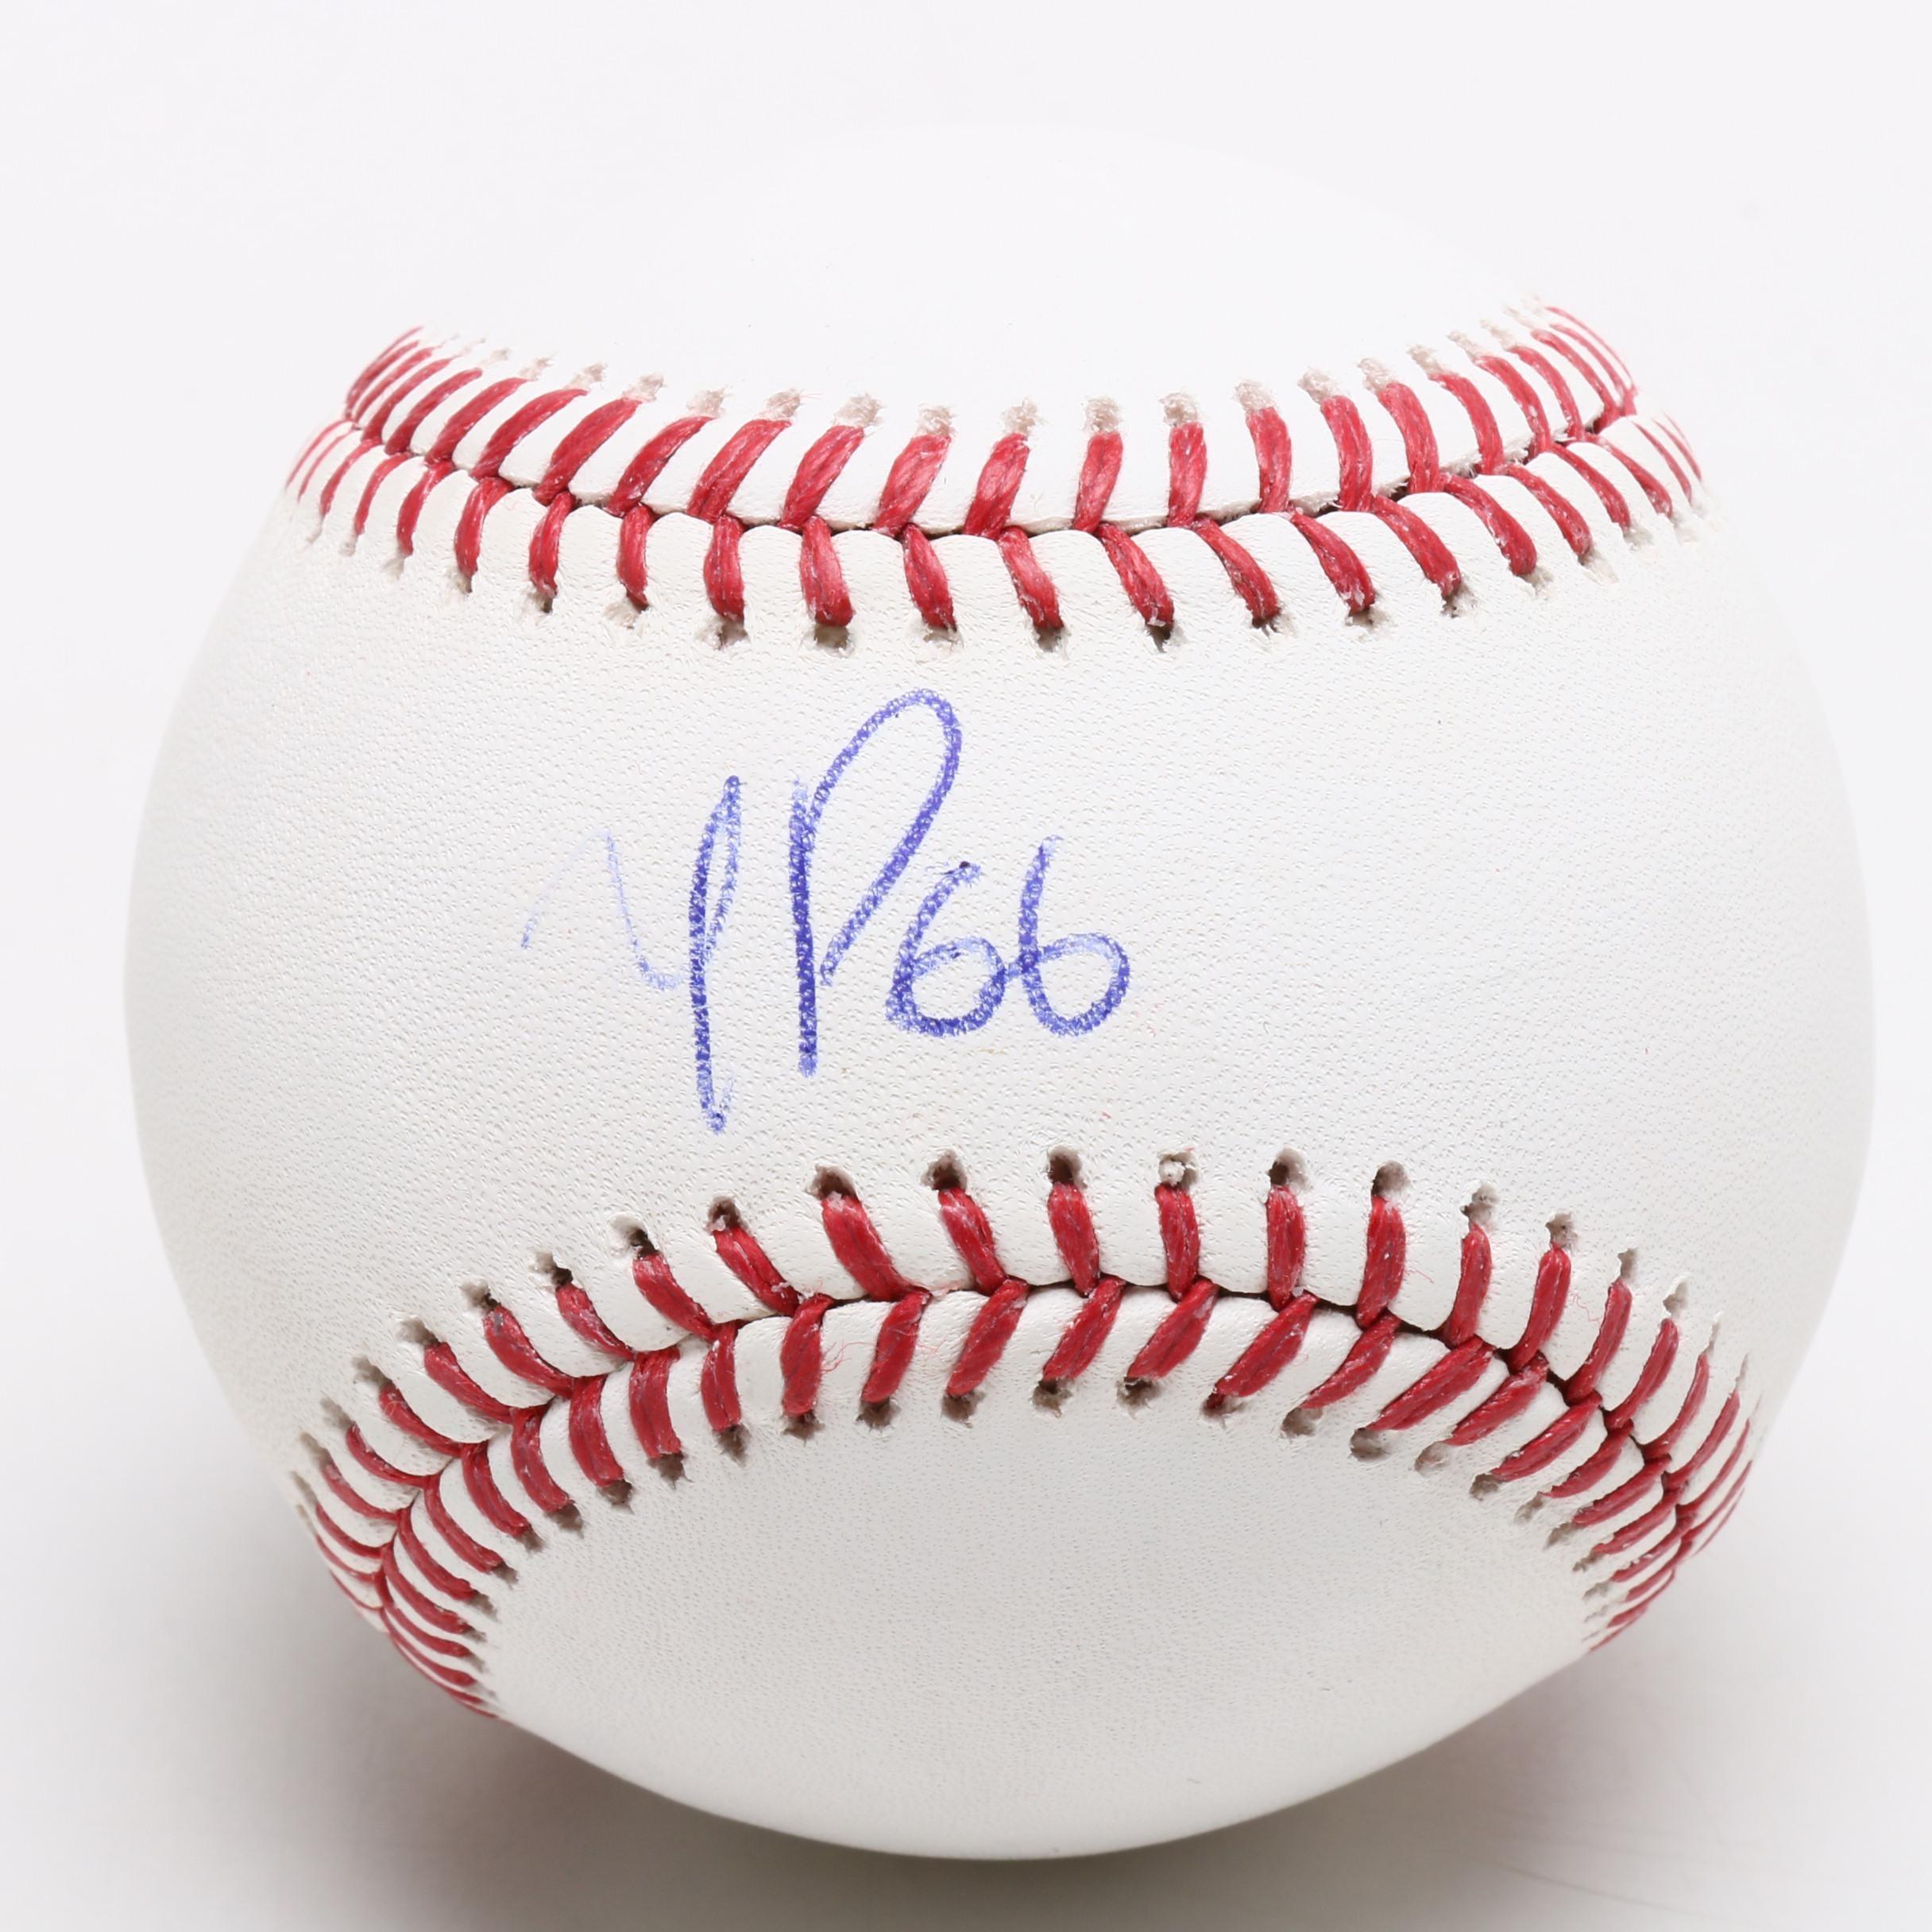 Yasiel Puig Signed Major League Baseball  COA